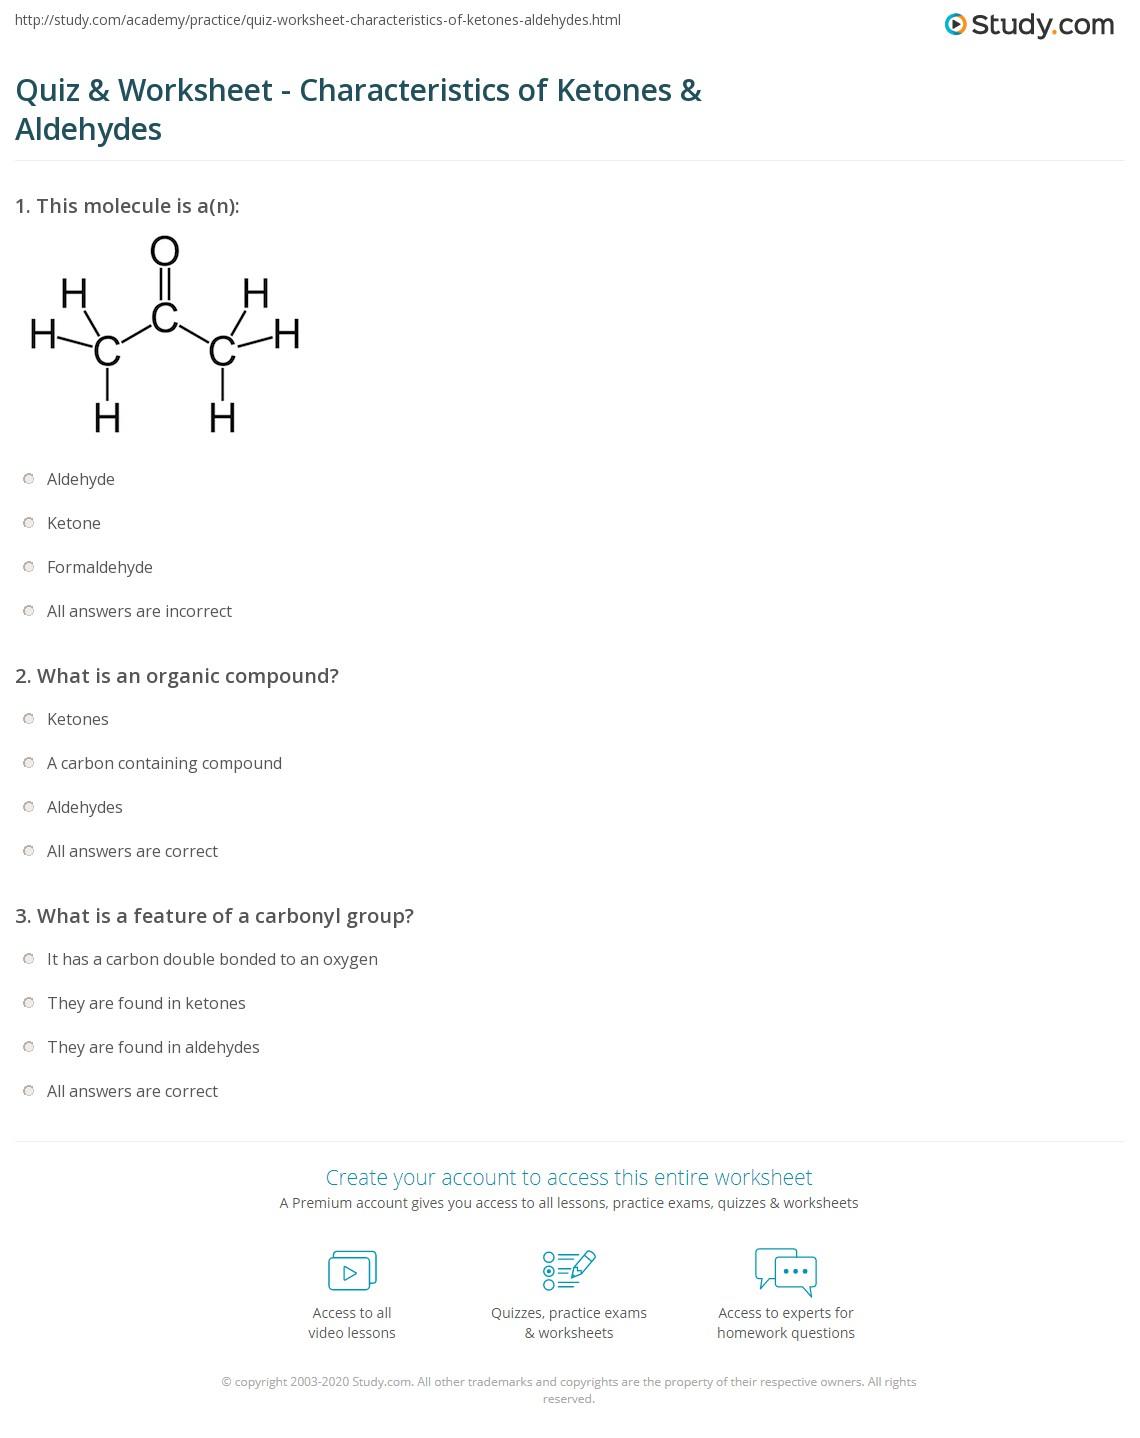 Quiz Worksheet Characteristics Of Ketones Aldehydes Study